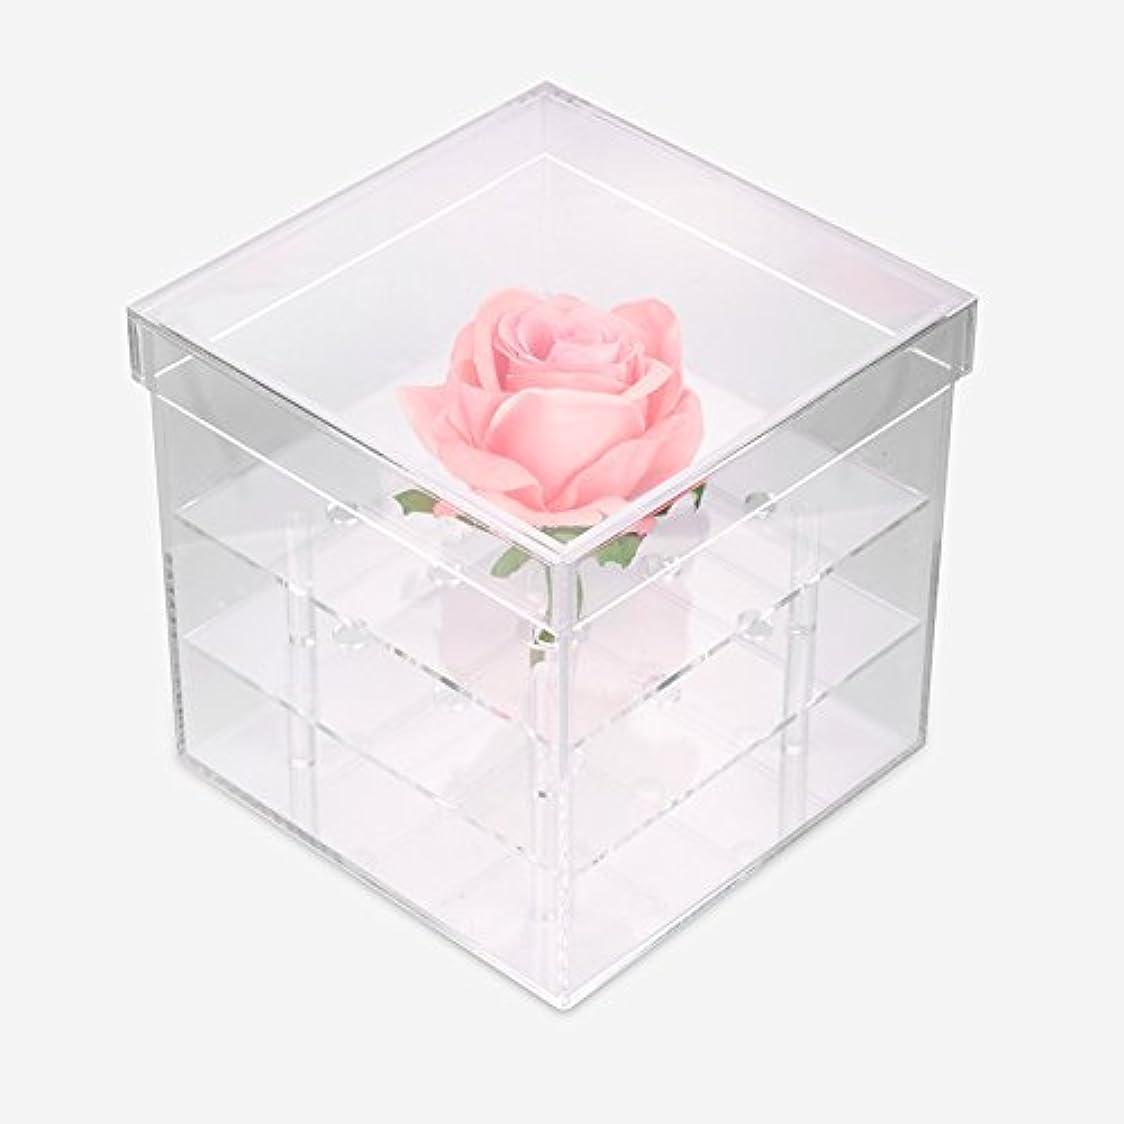 ロボット夫婦蓋透明なアクリルの新鮮なバラのプリザーブドフラワーボックス、多機能の結婚式の花のギフトボックスアイブローペンシル?アイライナー?オーガナイザー?ホルダー(9ホール)